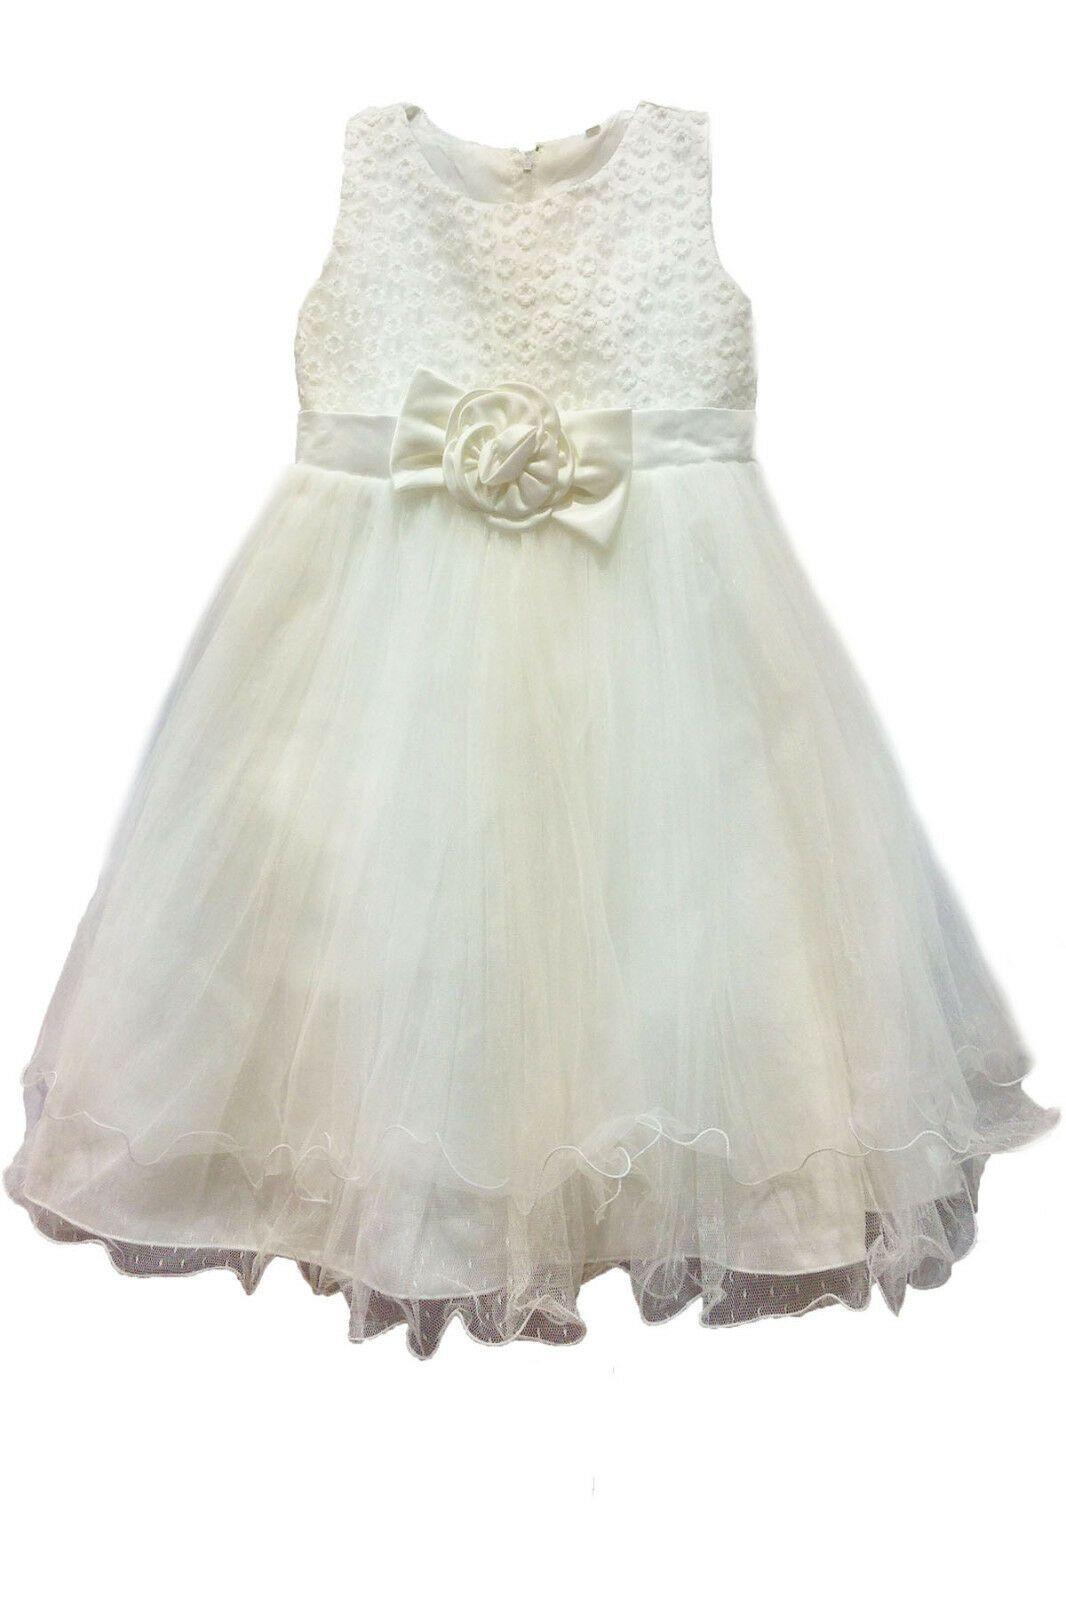 Bébé Blanc Princesse Filles Robe de baptême mariage Sequin Party Kids clothes